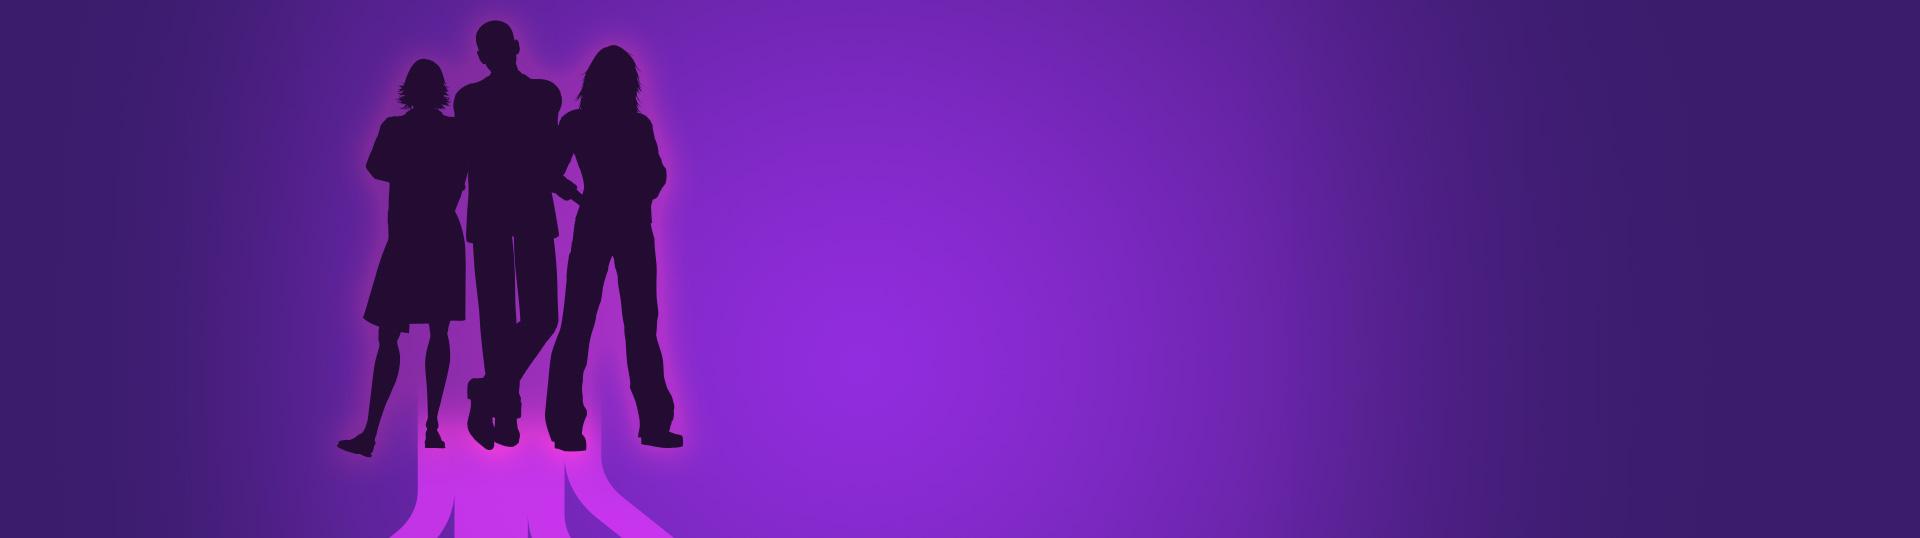 three shadow people on purple background